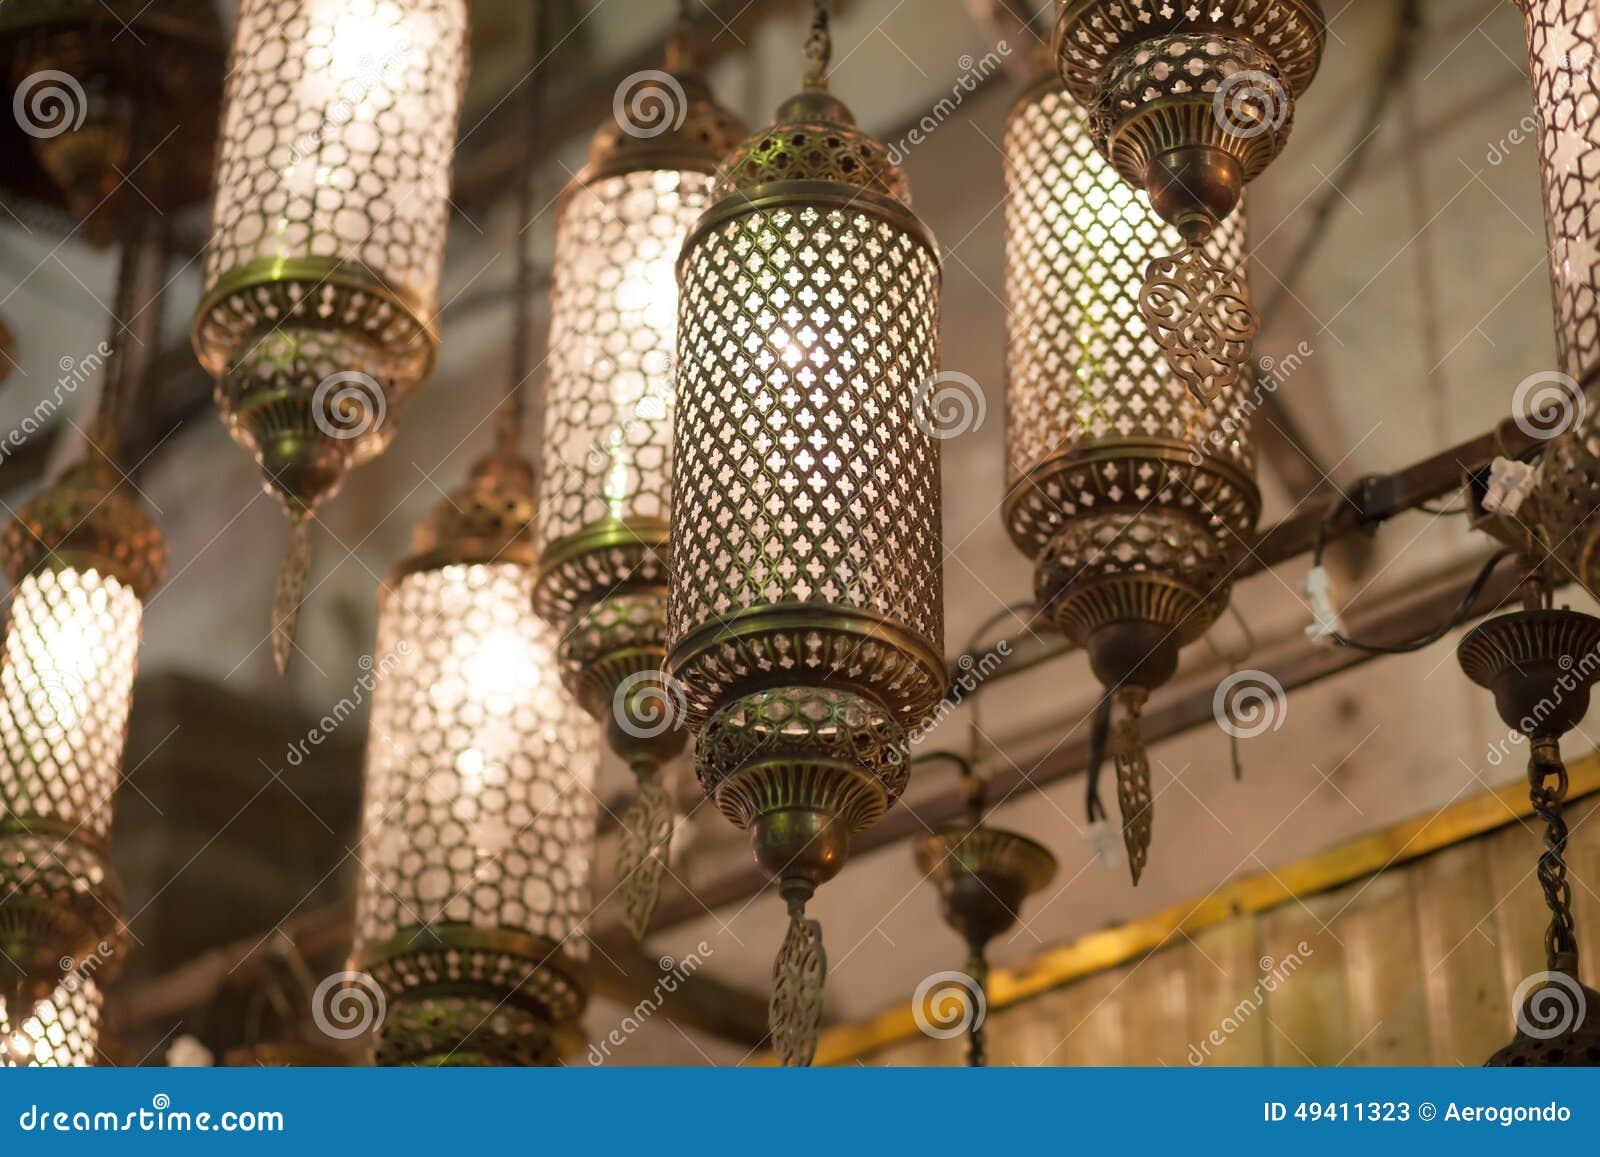 Orientalische lampen stockfotos – 118 orientalische lampen ...